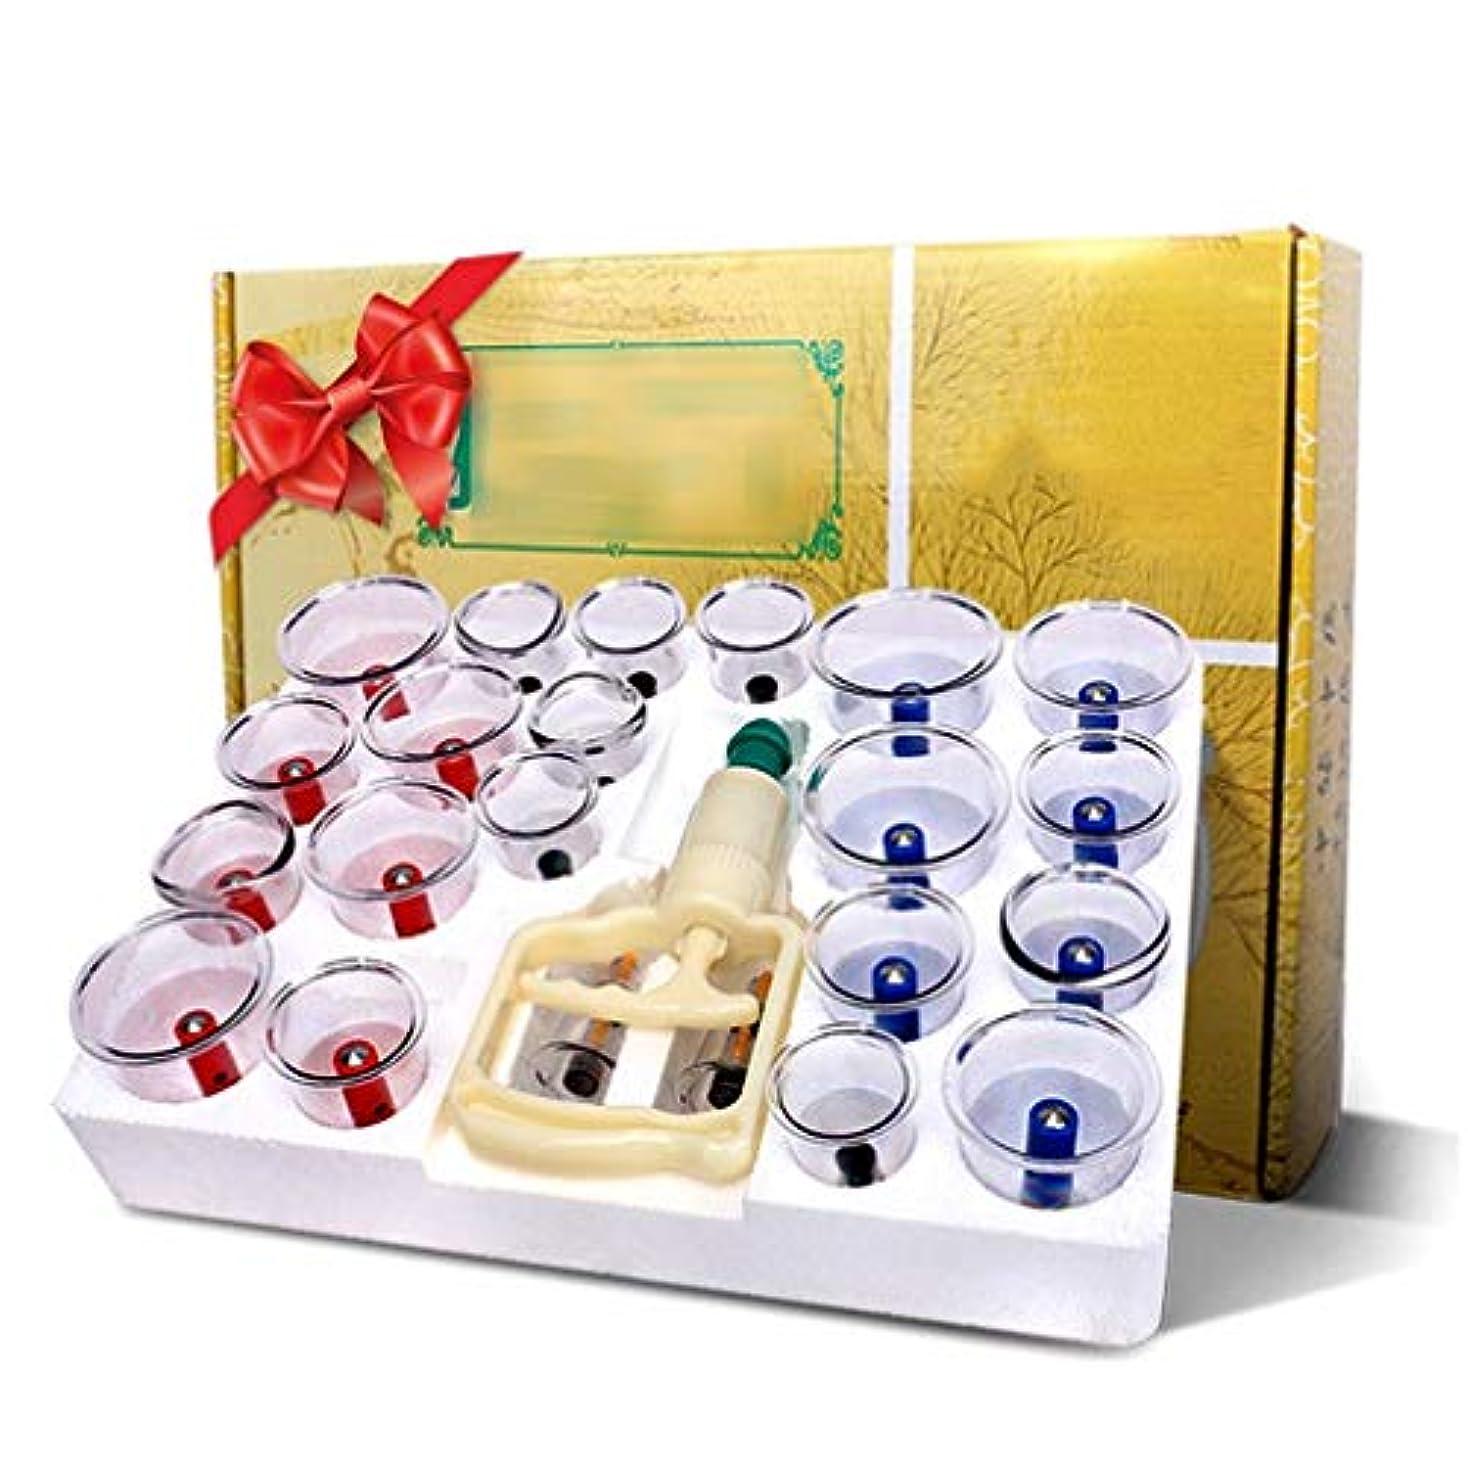 アッパーシンク植生透明な24缶中国のカッピングマッサージ療法セット異なるサイズをカッピング - フェイスリフト痛みを軽減するには、アンチエイジングセルライトリンクルリデューサー増加ドレインセルライトリンパを削減します